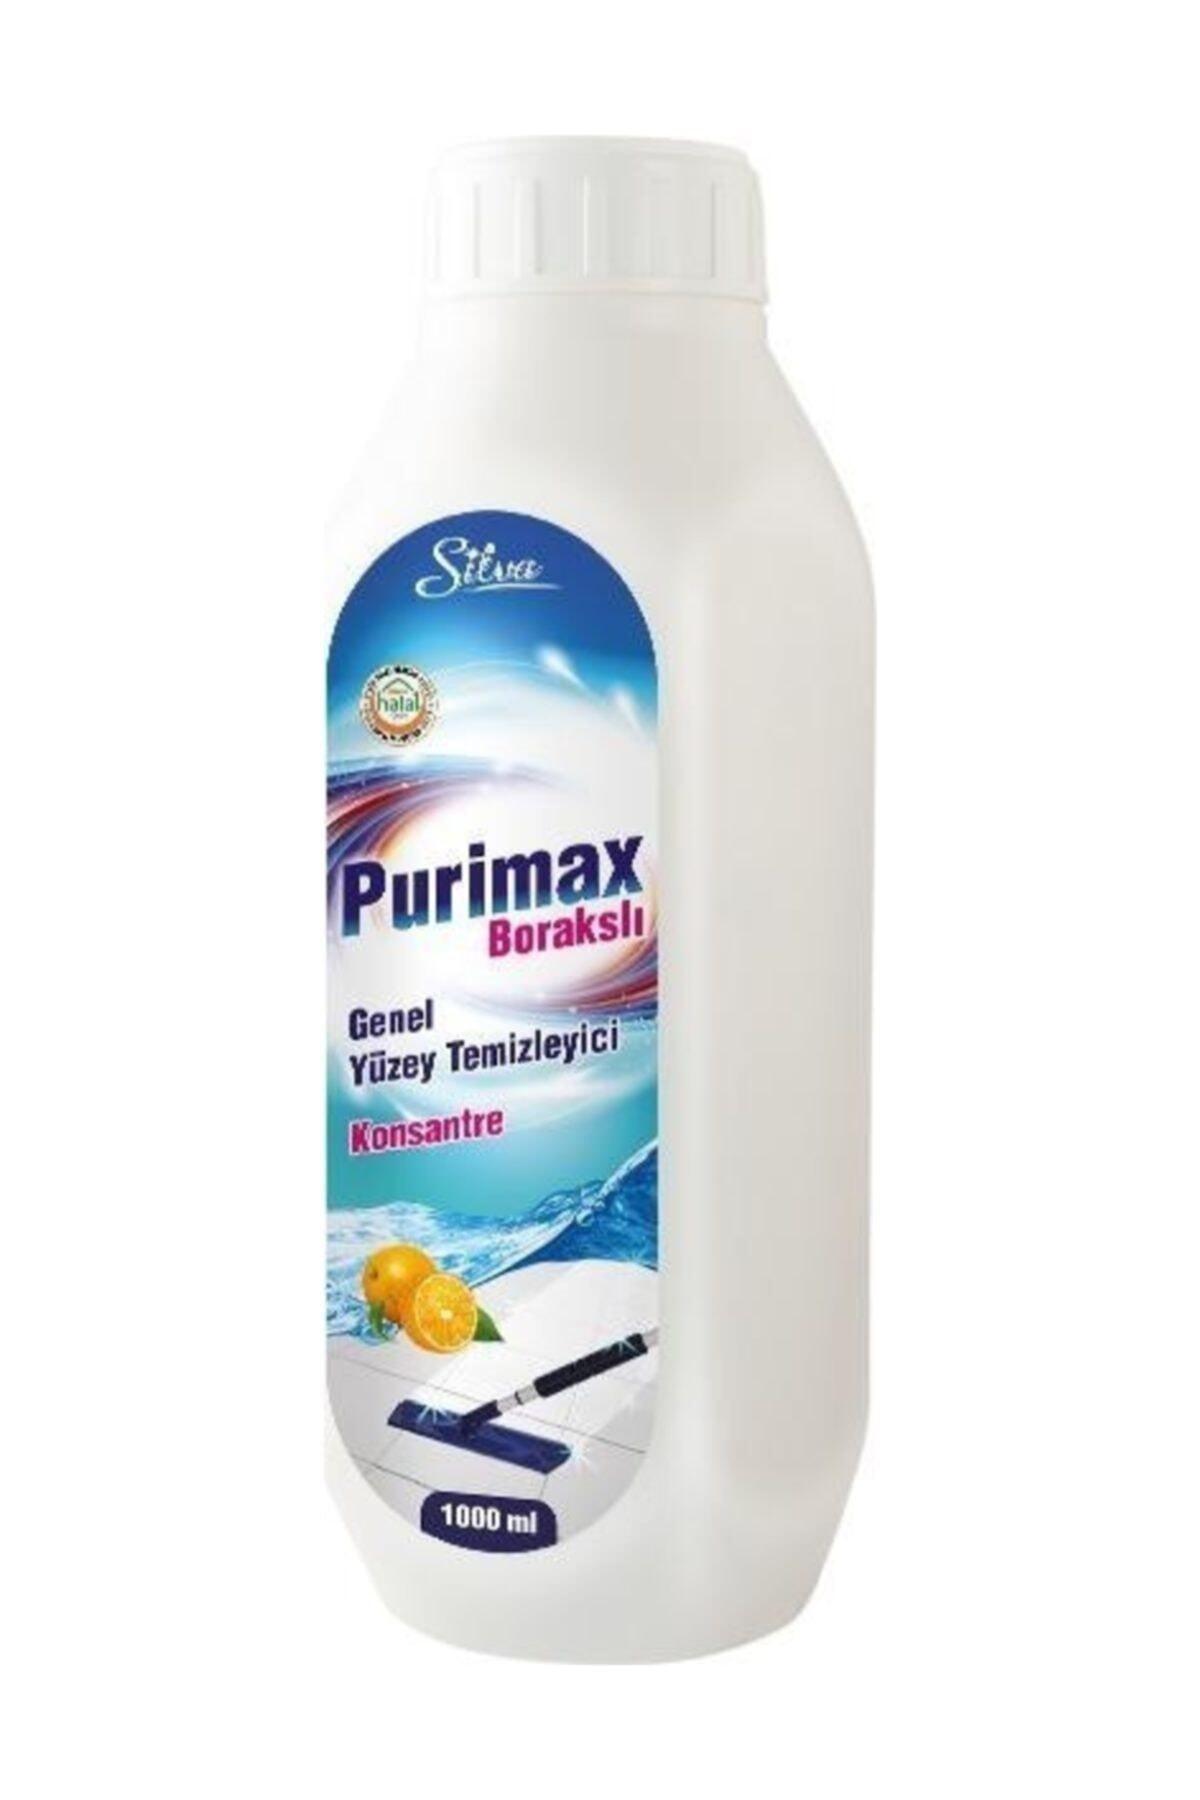 Silva Purimax Borakslı Genel Yüzey Temizleyici 1lt Konst. 1